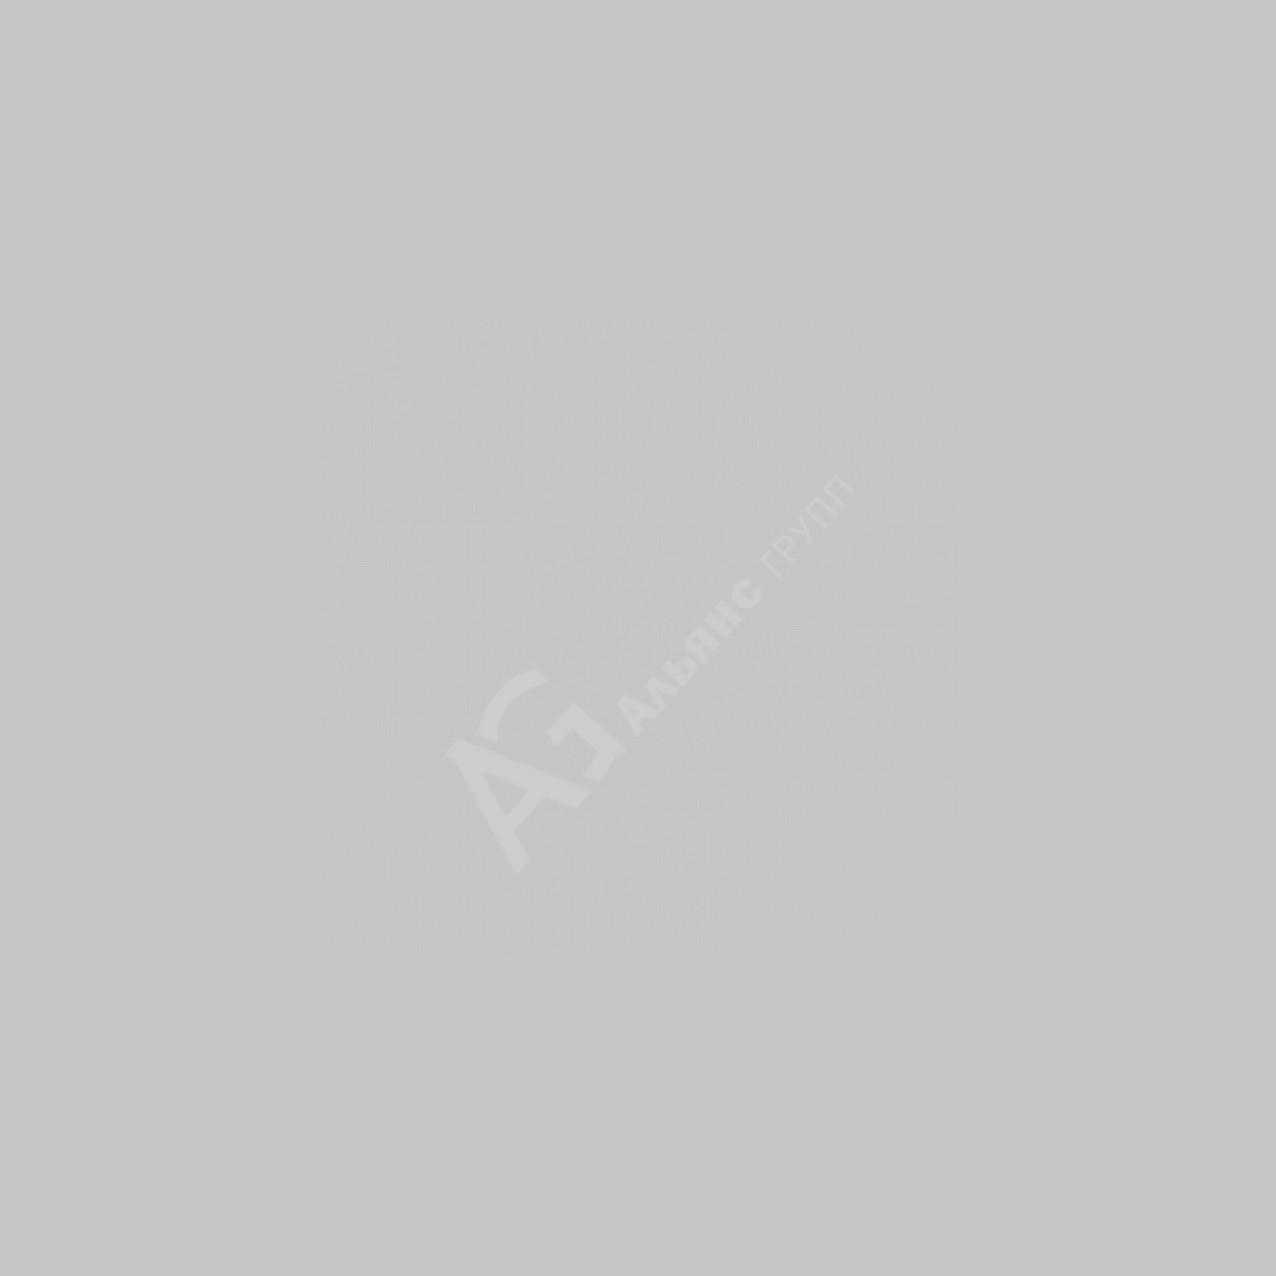 Порошковое полиэфирное покрытие RAL7035 PP-PARLAK 25кг,09088.X7035/X7035-R188LT